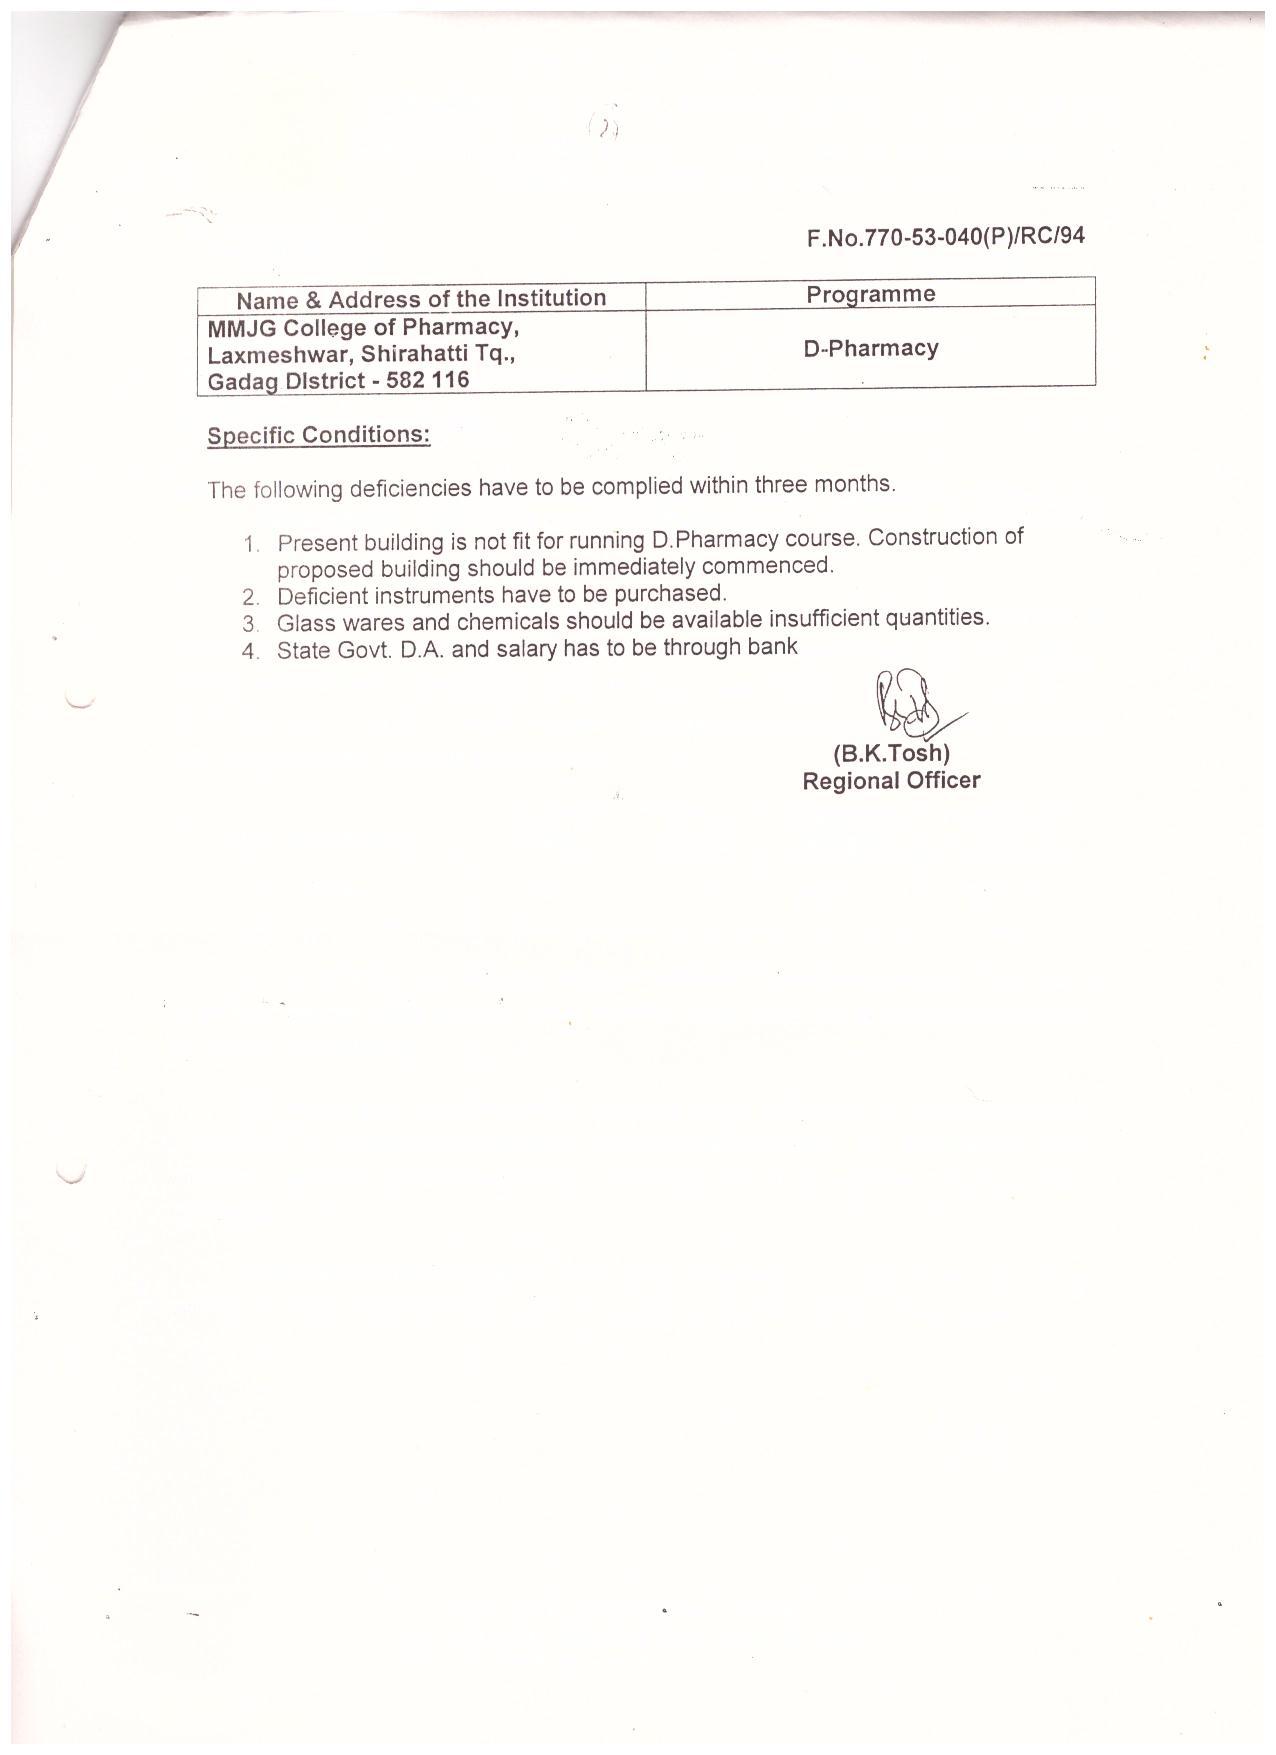 AICTE Approval Copy 2004-2005 (3)